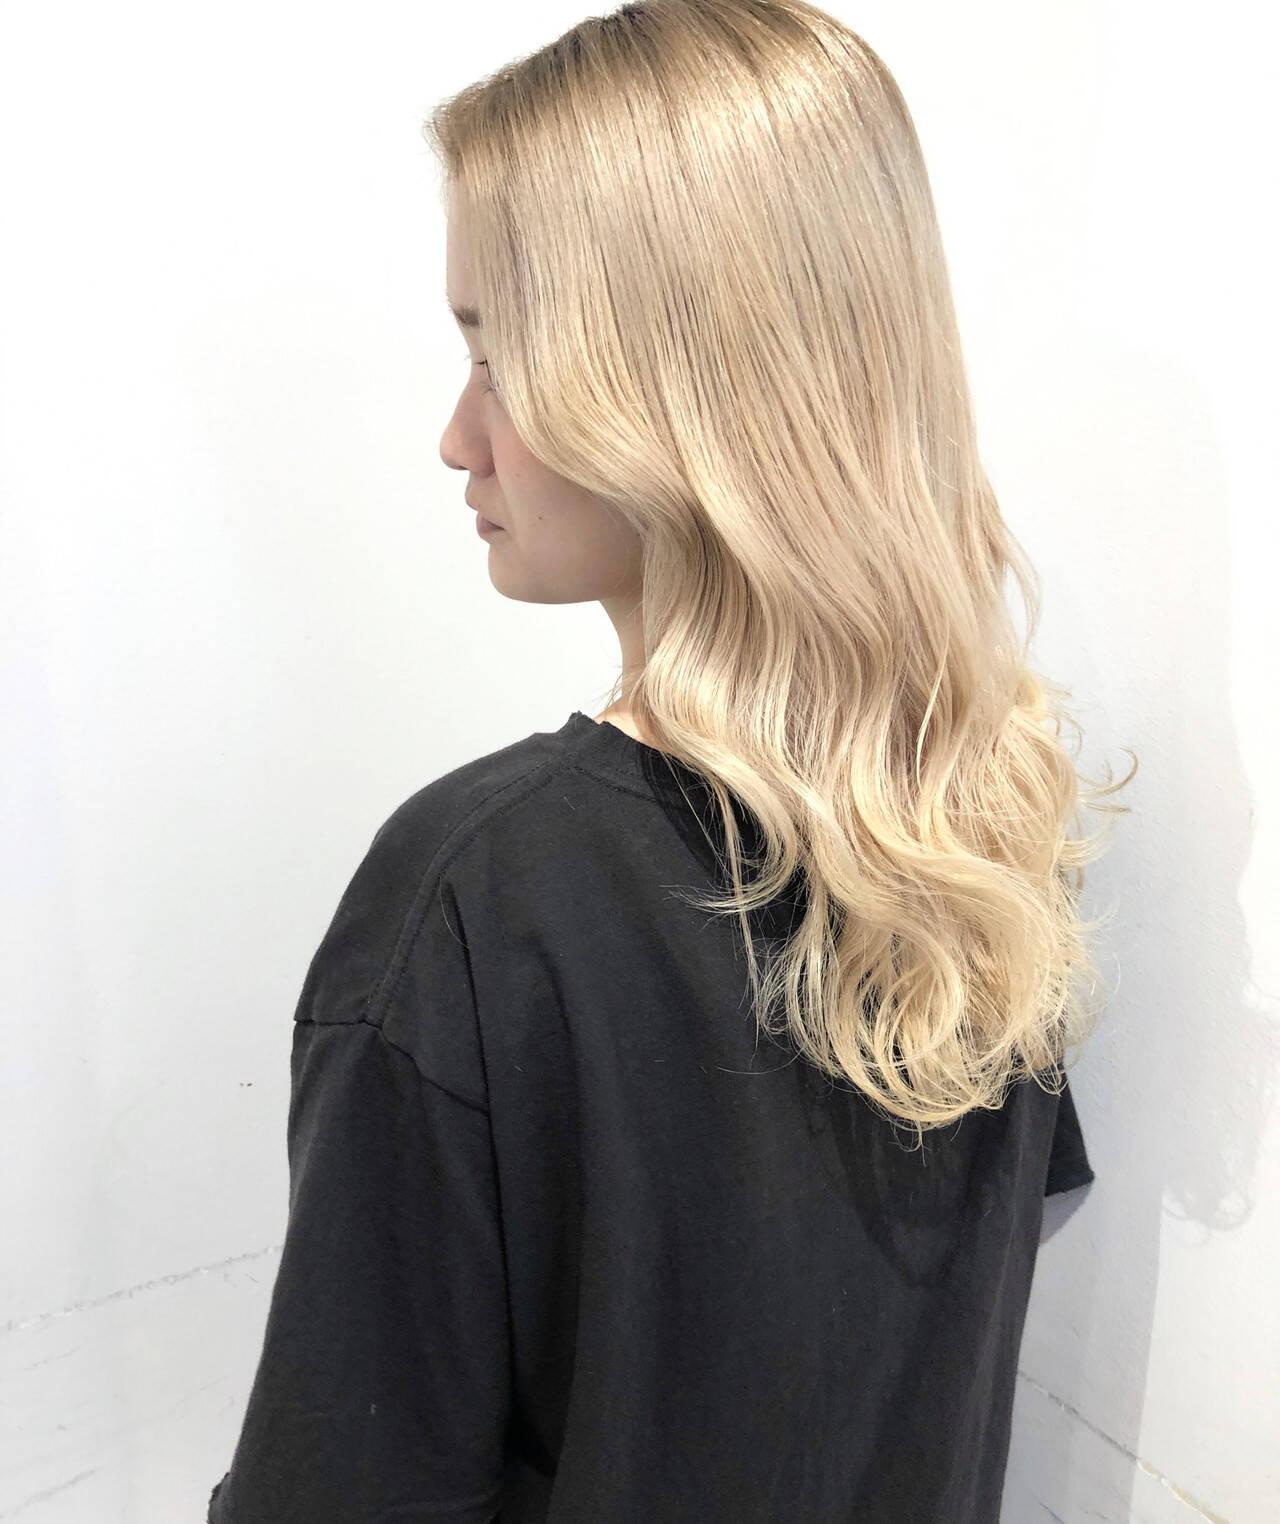 ハイトーン 巻き髪 ホワイトベージュ ダブルカラーヘアスタイルや髪型の写真・画像